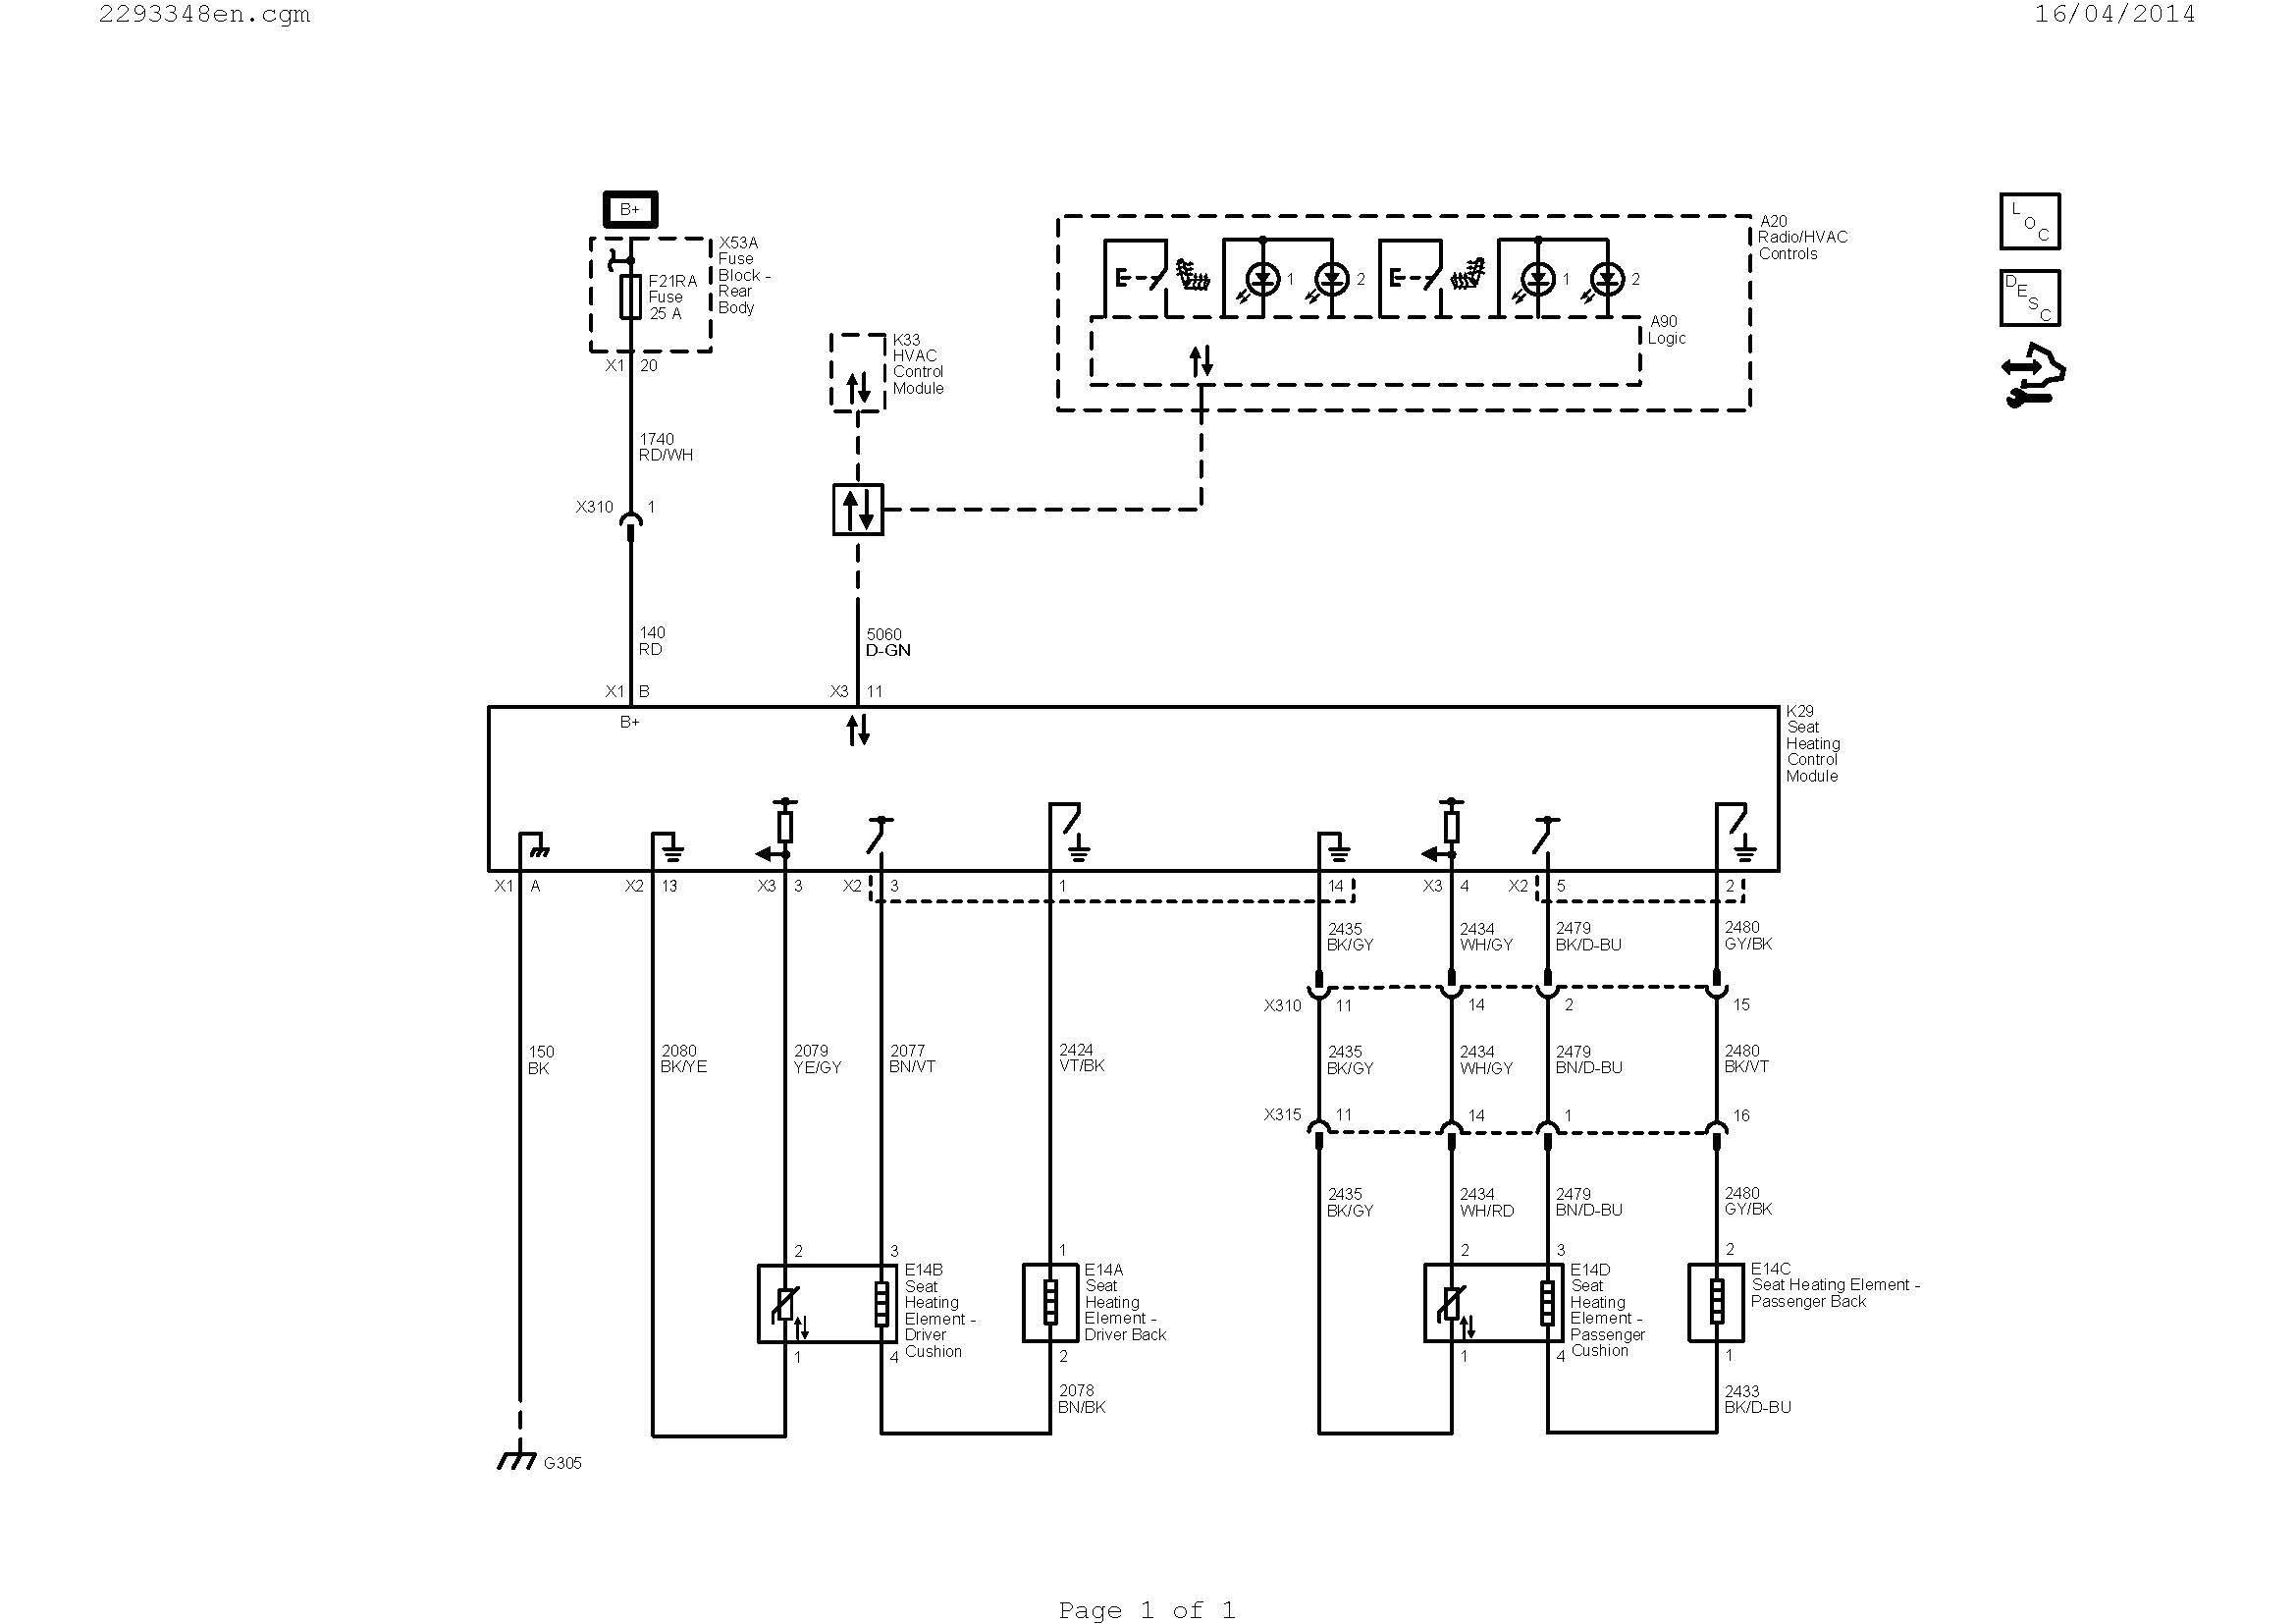 wiring diagram book wiring diagram codes best hvac diagram best hvac diagram 0d wire diagram 17e jpg